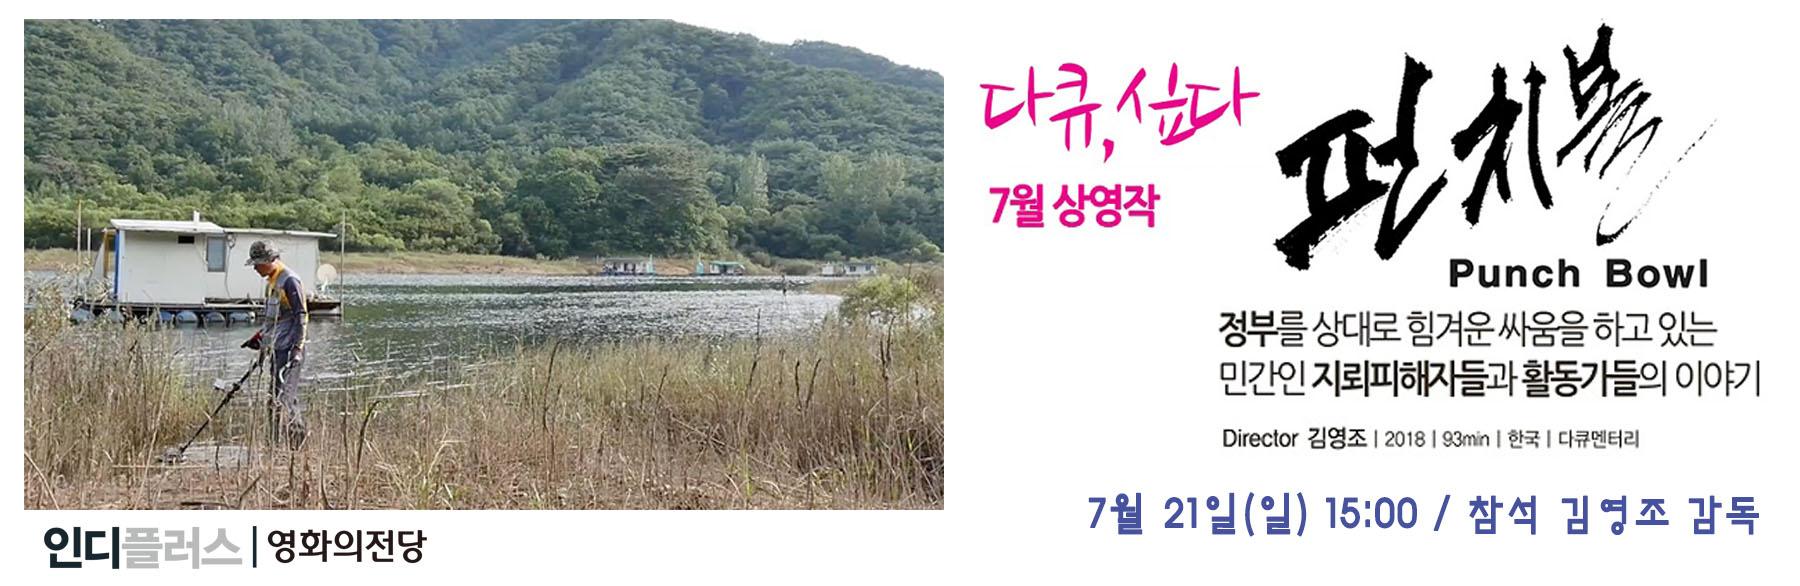 다큐싶다 7월 상영작 펀치볼 정부를 상대로 힘겨운 싸움을 하고 있는 민간인 지뢰피해자들과 활동가들의 이야기 7월 21일(일) 15:00 참석 김영조감독